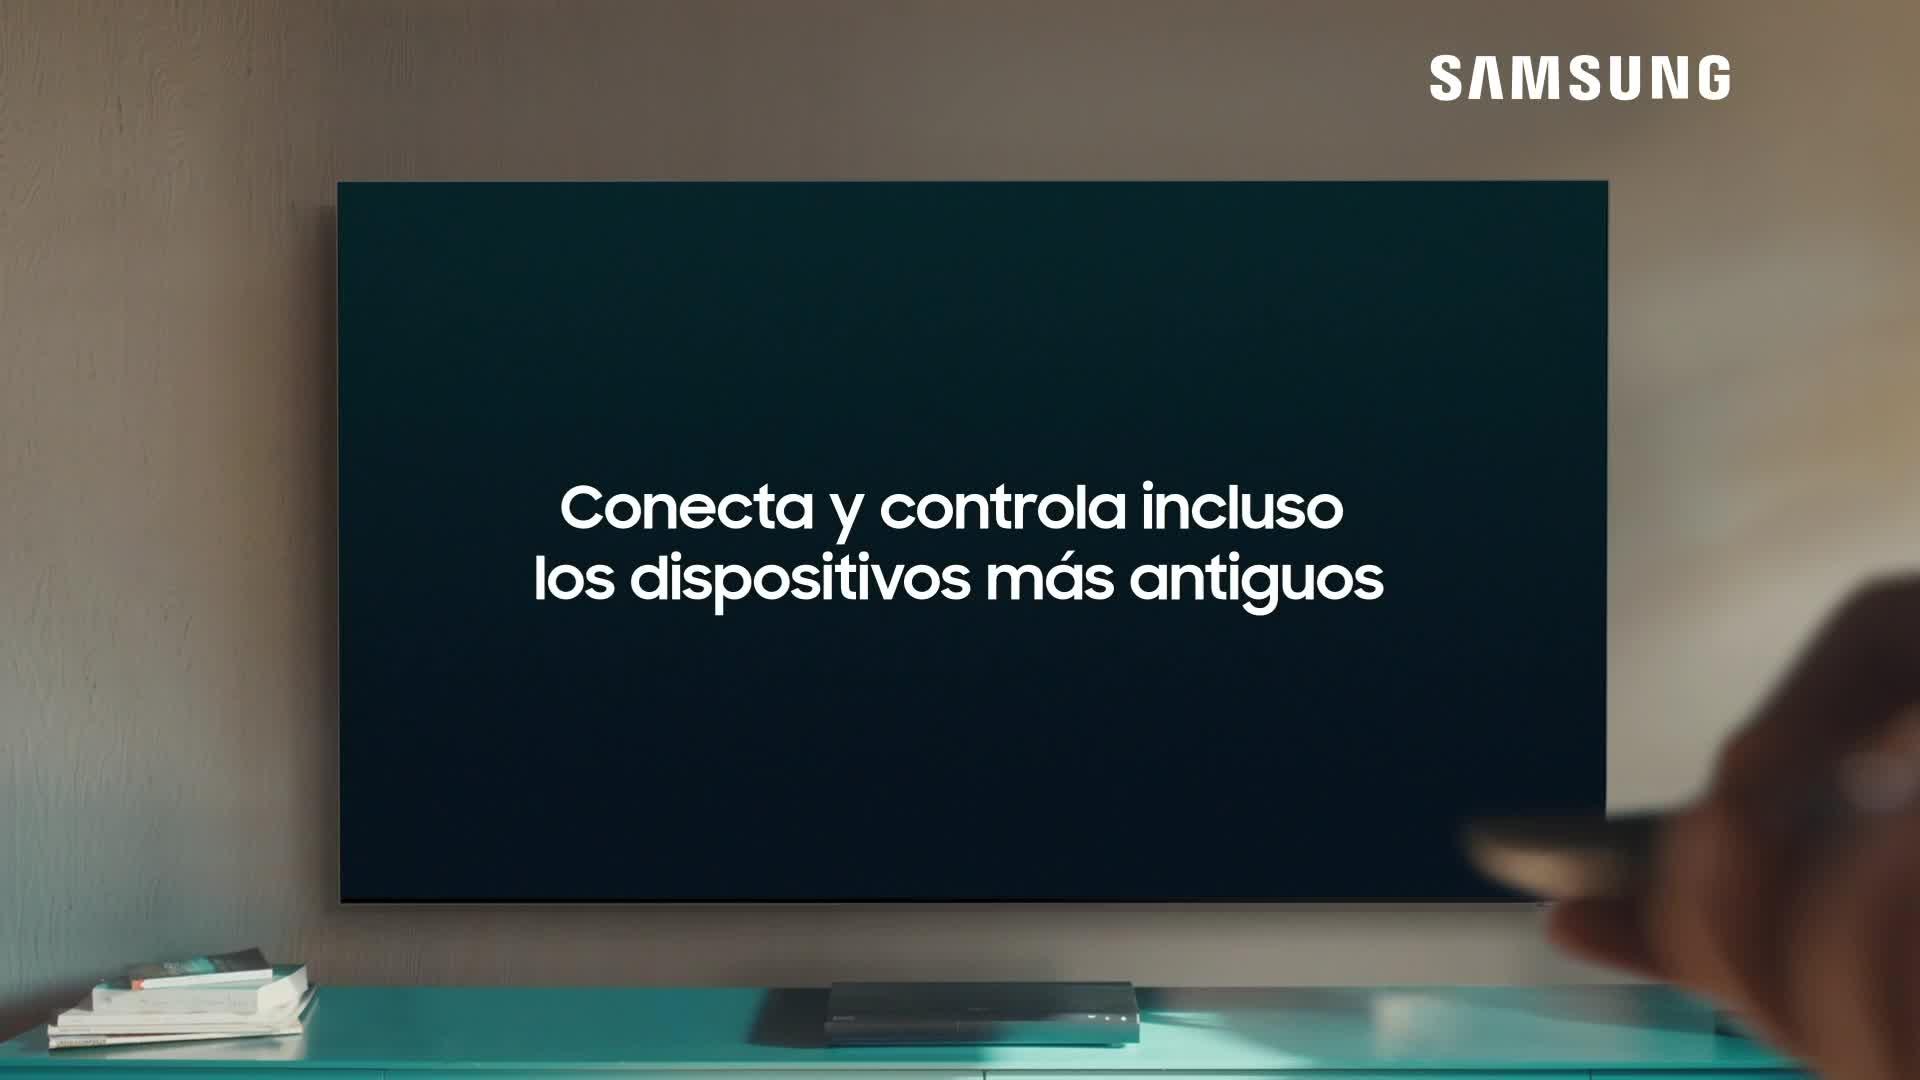 Samsung QLED 2020 55Q80T - Smart TV de 55